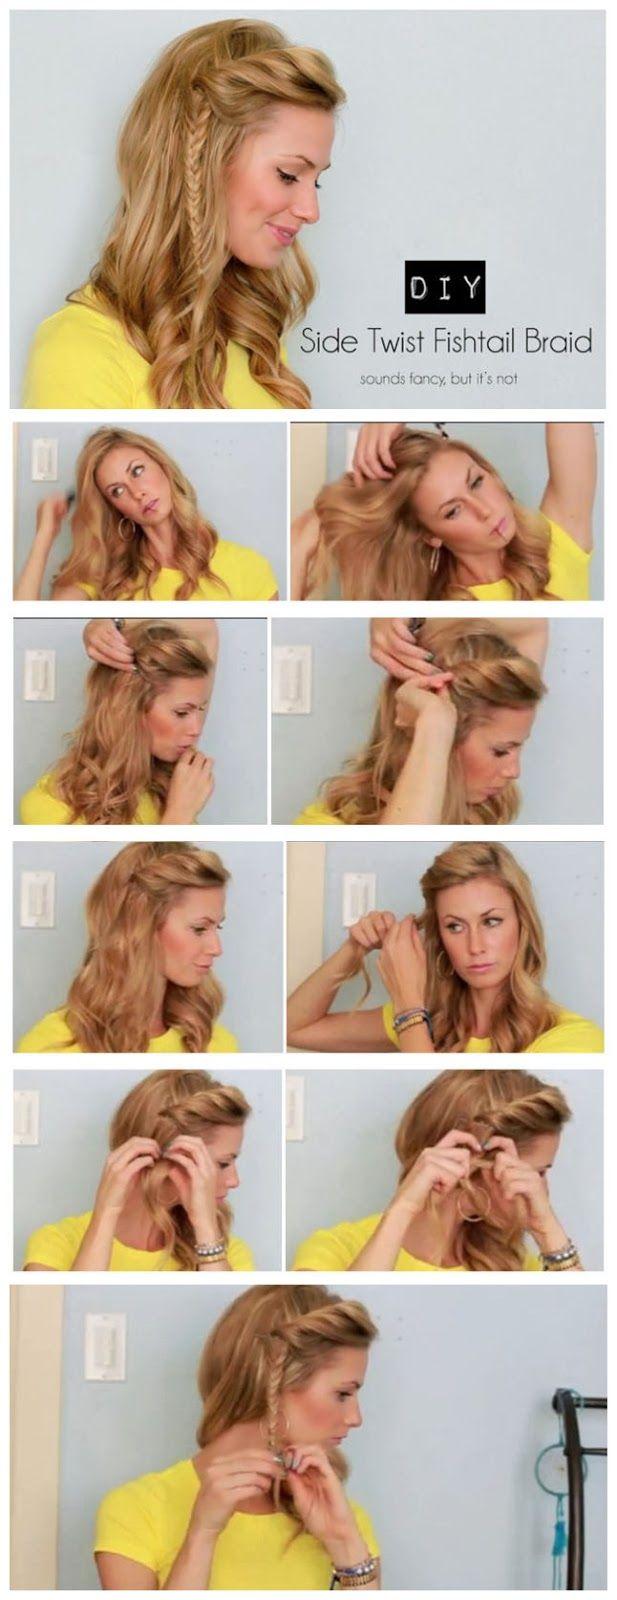 surprisebeauty: Side Twist Fishtail Braid Tutorial